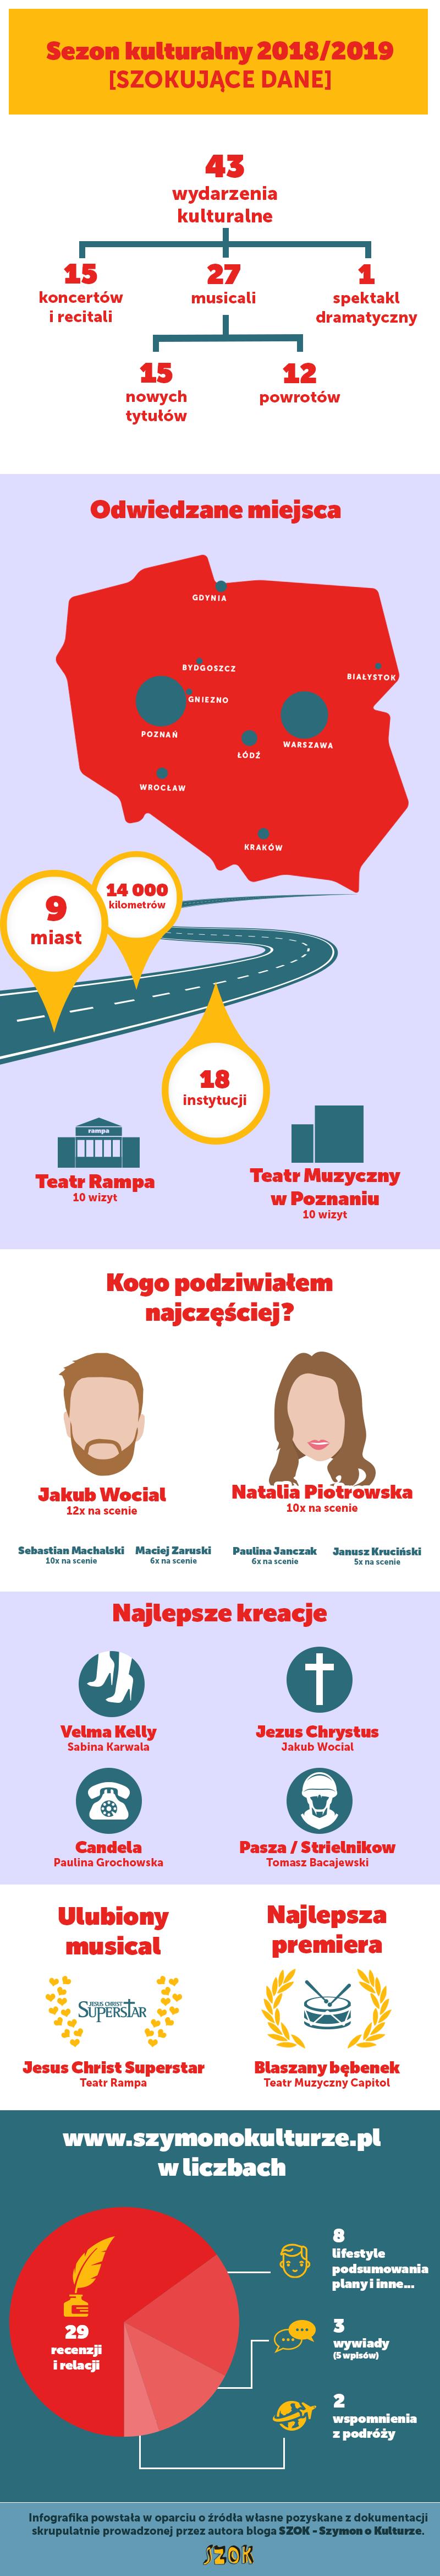 Infografika - podsumowanie sezonu 2018/2019